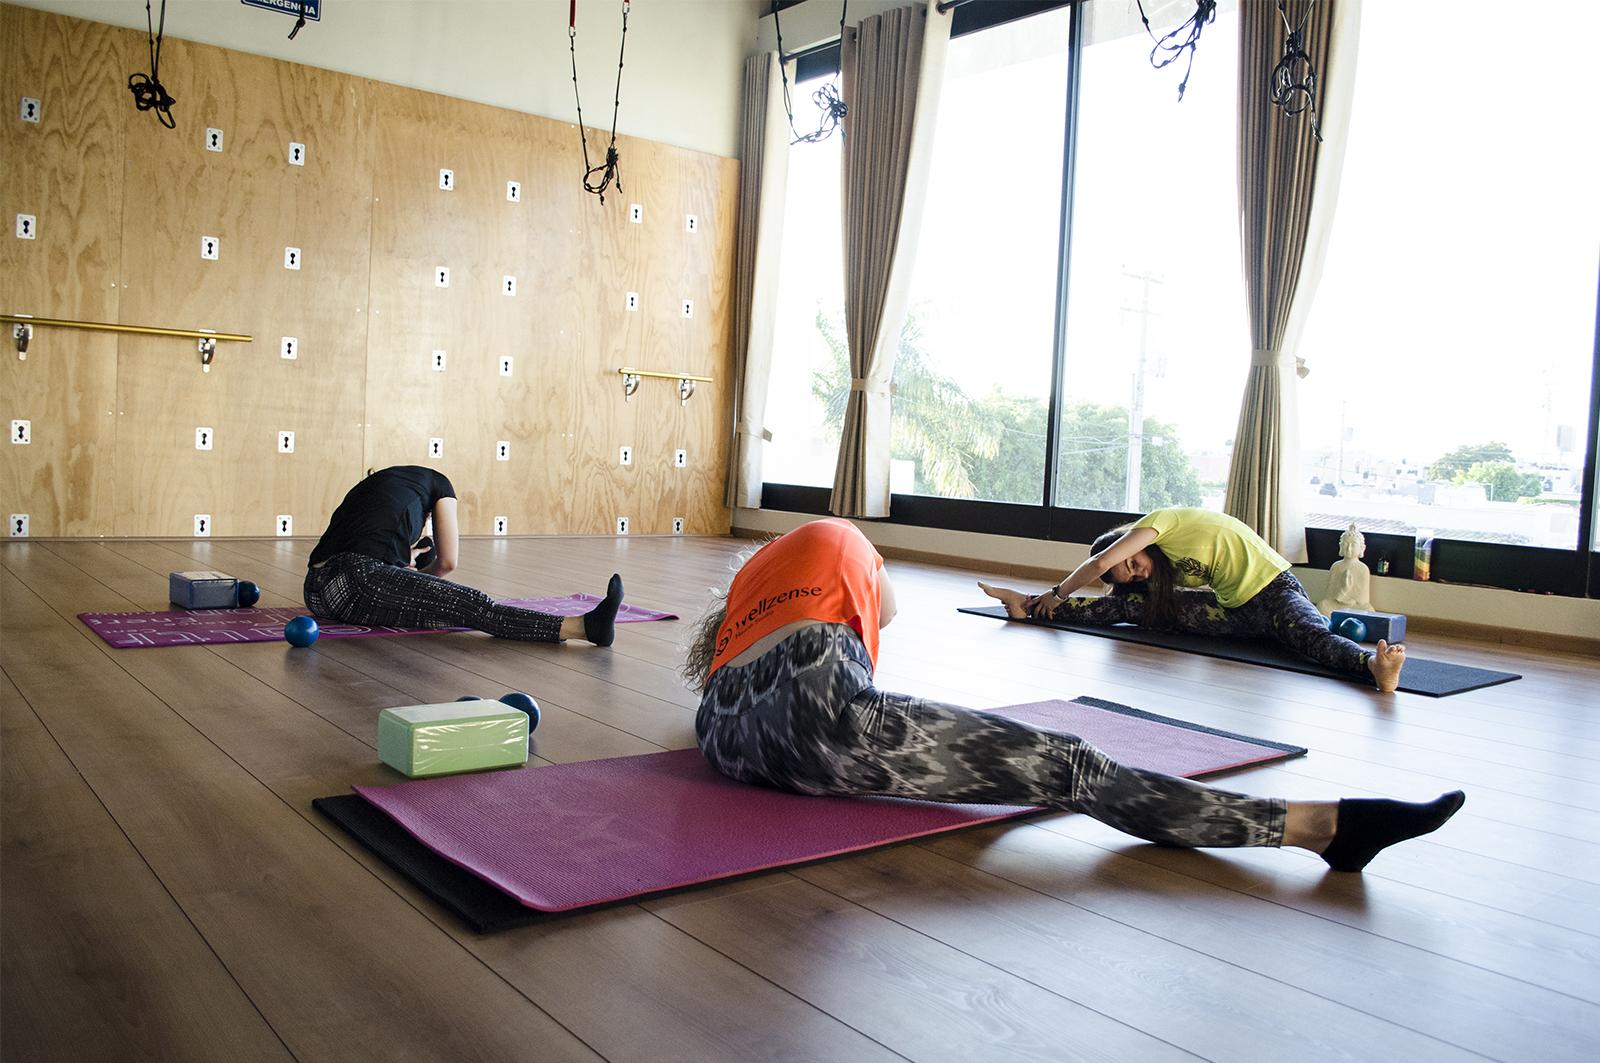 Canalizando tu energía, equilibrando tu cuerpo-mente y espíritu a través de la actividad física.